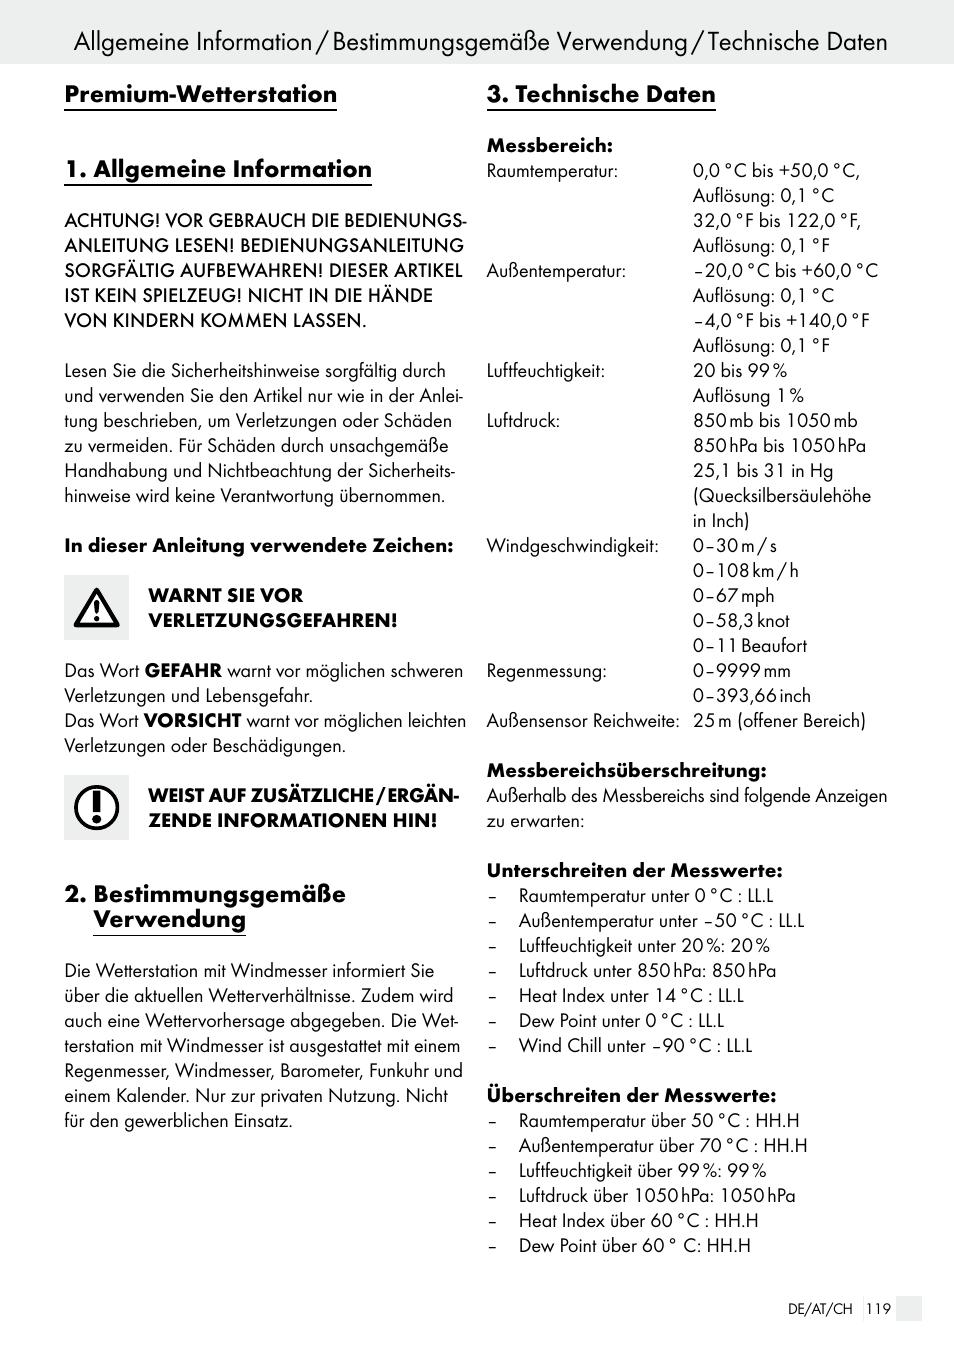 Premium Wetterstation 1 Allgemeine Information Bestimmungsgemäße